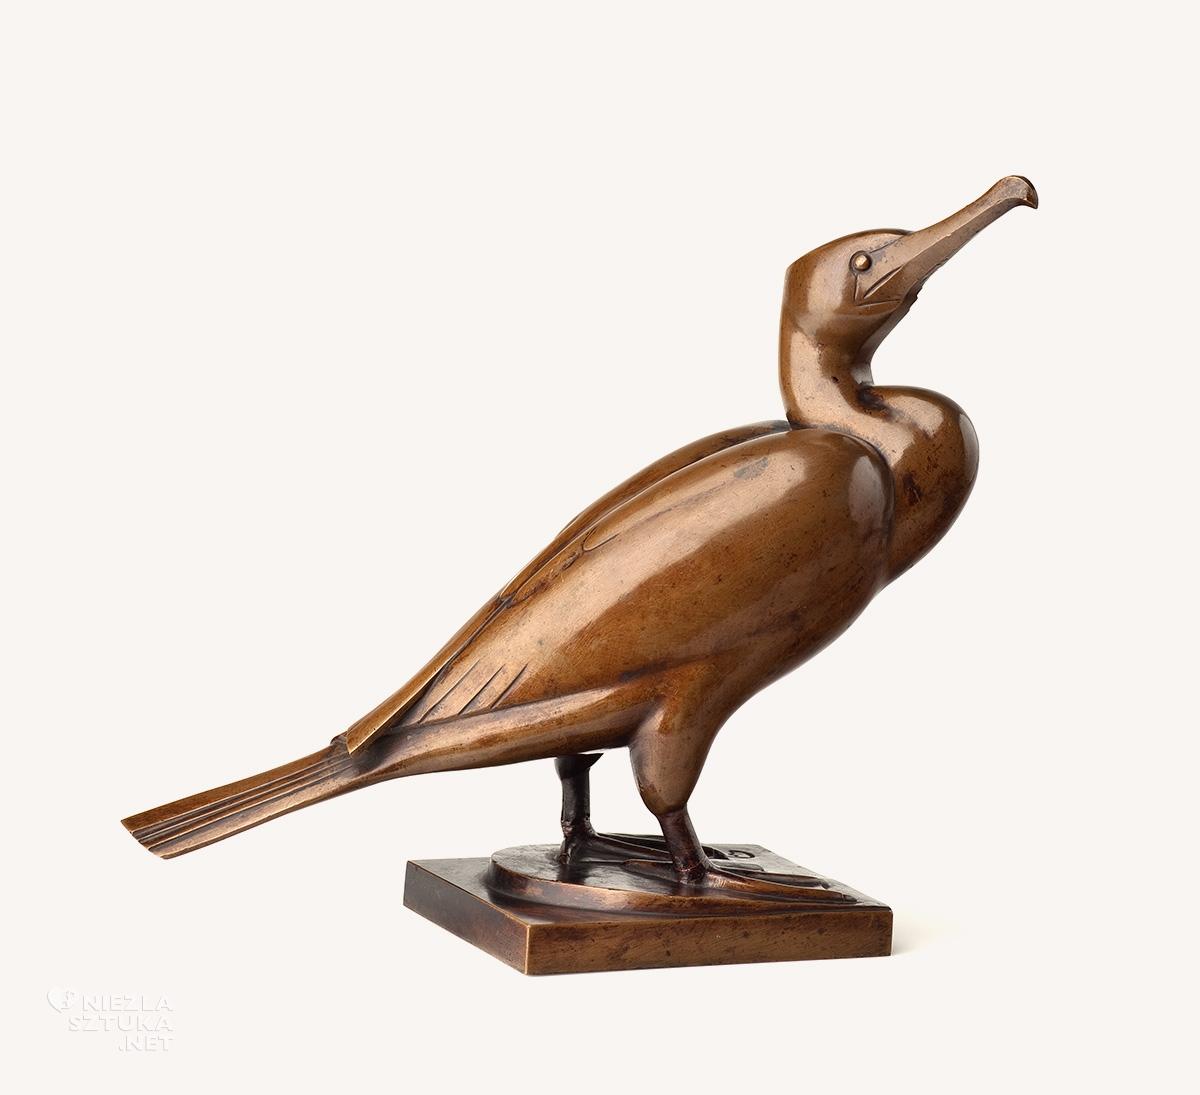 Magdalena Gross, rzeźba, rzeźbiarka, Kormoran, zoo, Niezła sztuka